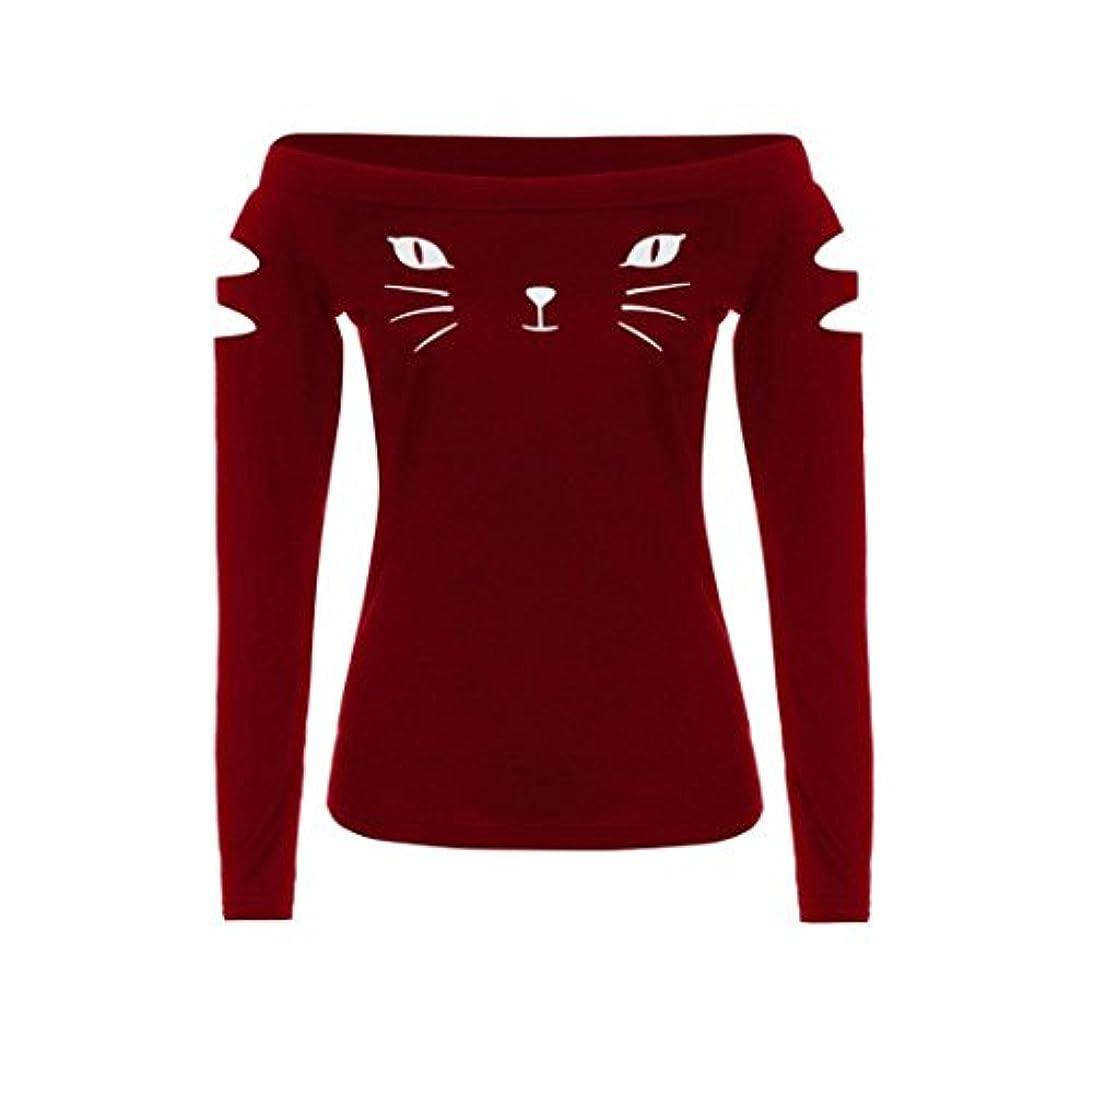 後ろにのために重荷SakuraBest 女性スラント長袖ブラウス猫プリントTシャツ